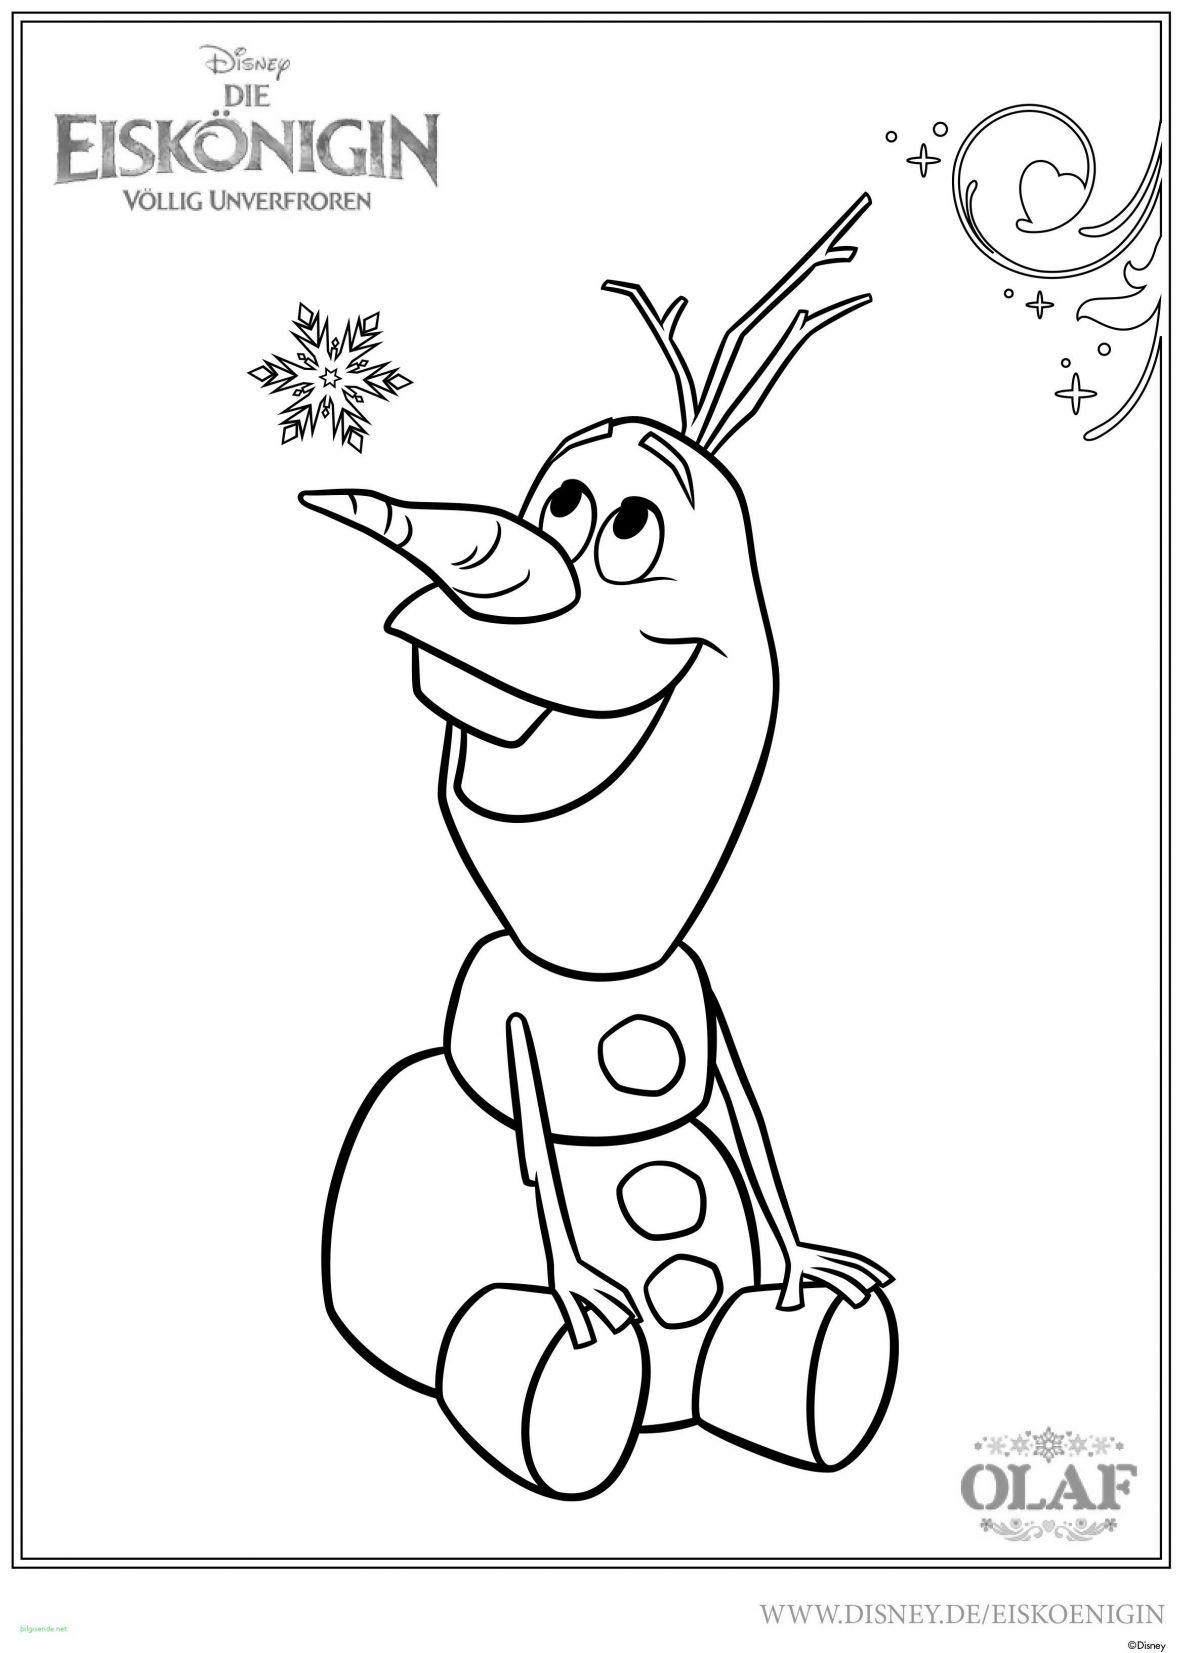 Anna Elsa Ausmalbilder Inspirierend 45 Neu Ausmalbilder Disney Frozen Beste Malvorlage Fotos